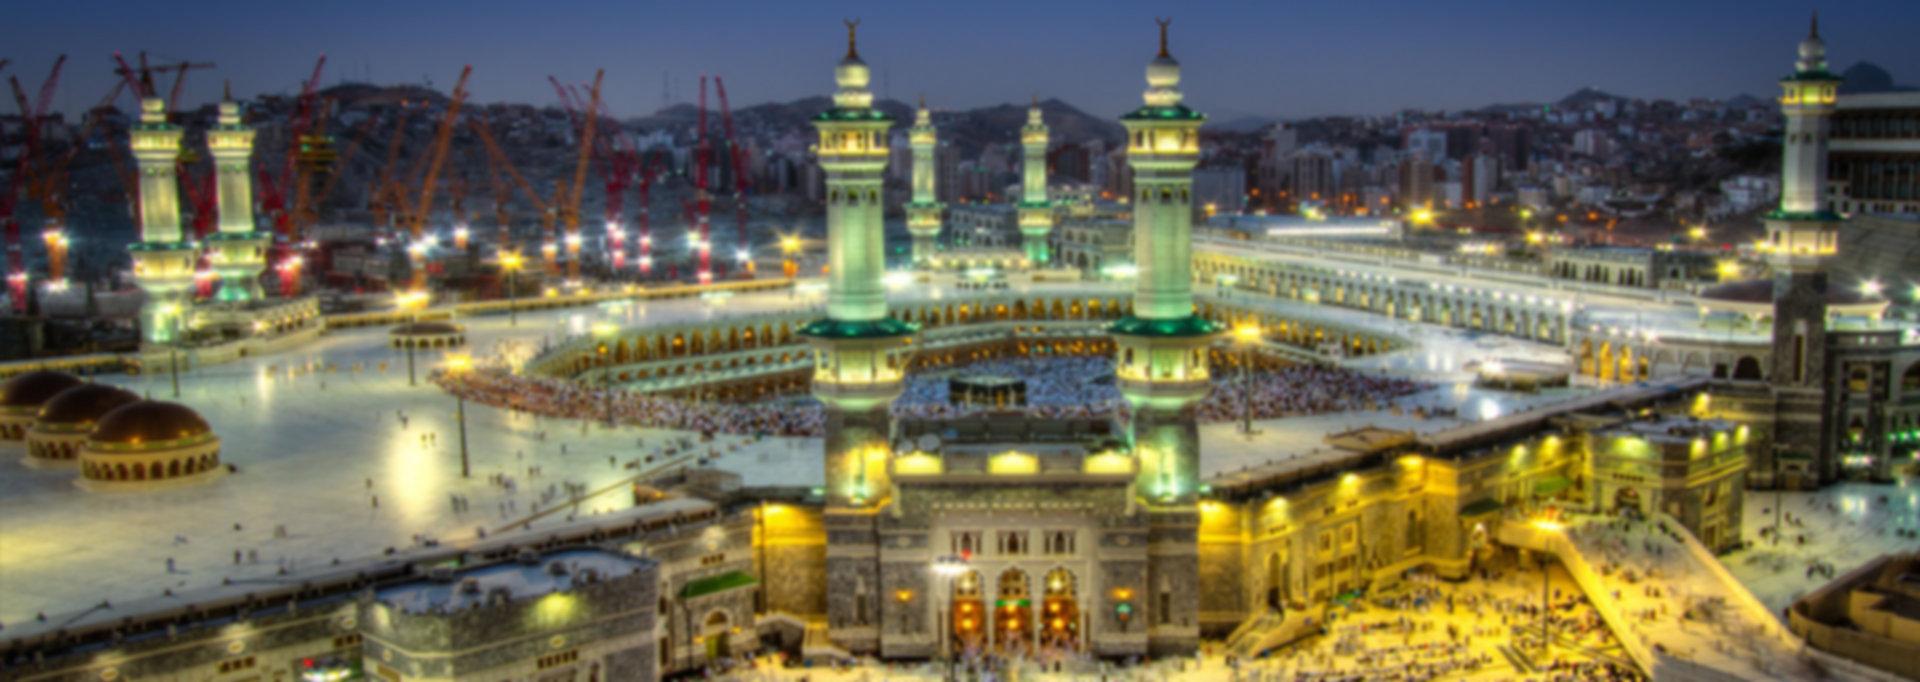 Мекка Город в Саудовской Аравии, мусульманская сваха, знакомства, найду мужа, сайт знакомств, клуб знакомств, найду жену, мусульманские знакомства, мусульманская свадьба, мусульманская невеста, мусульманская пара, мусульманский жених